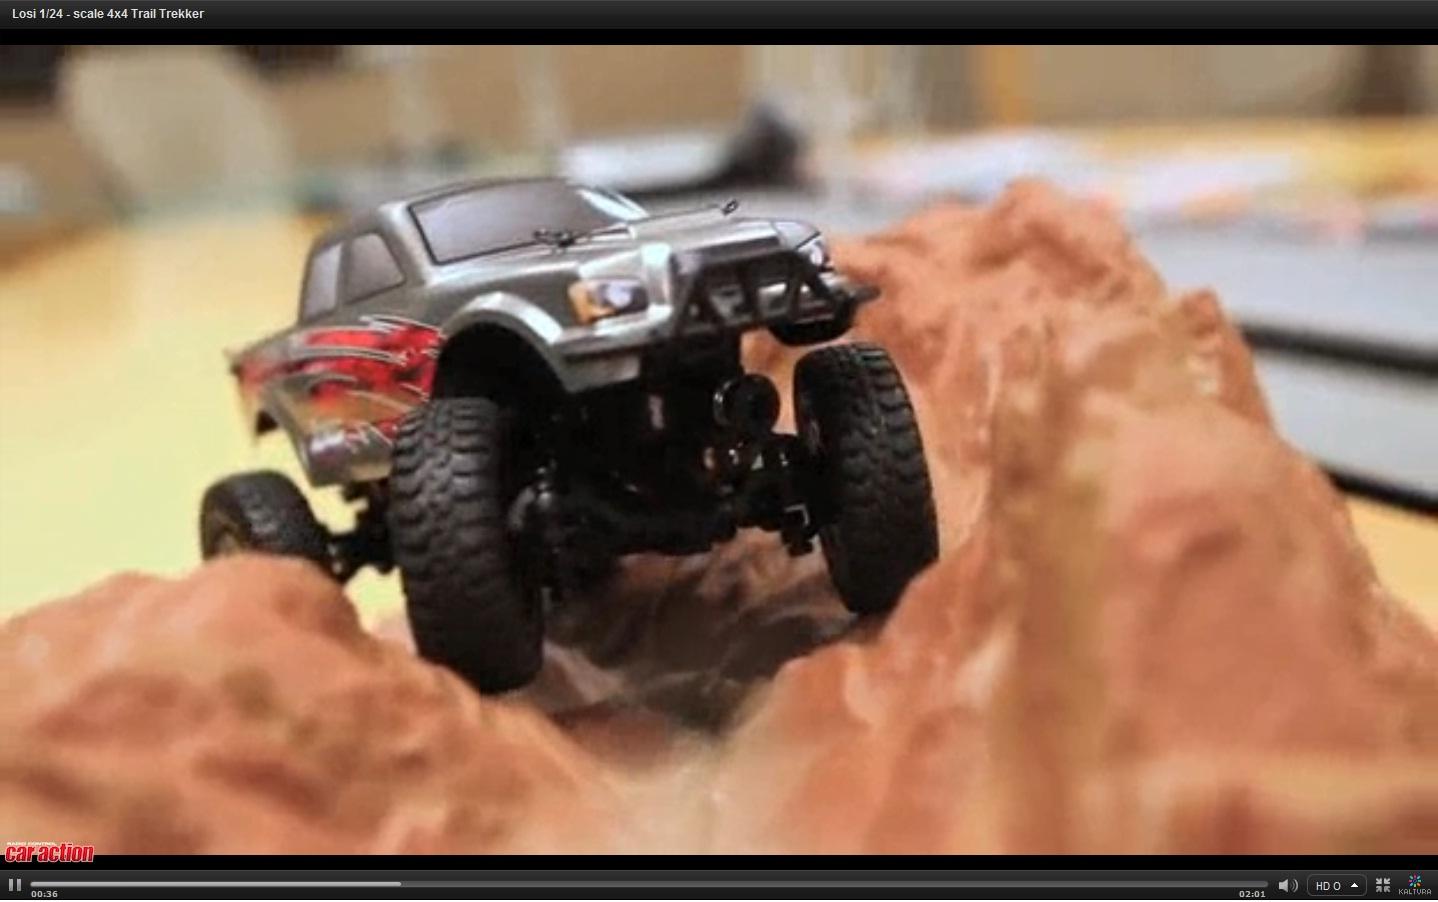 Hot New Video: Losi 1/24 Micro 4X4 Trail Trekker